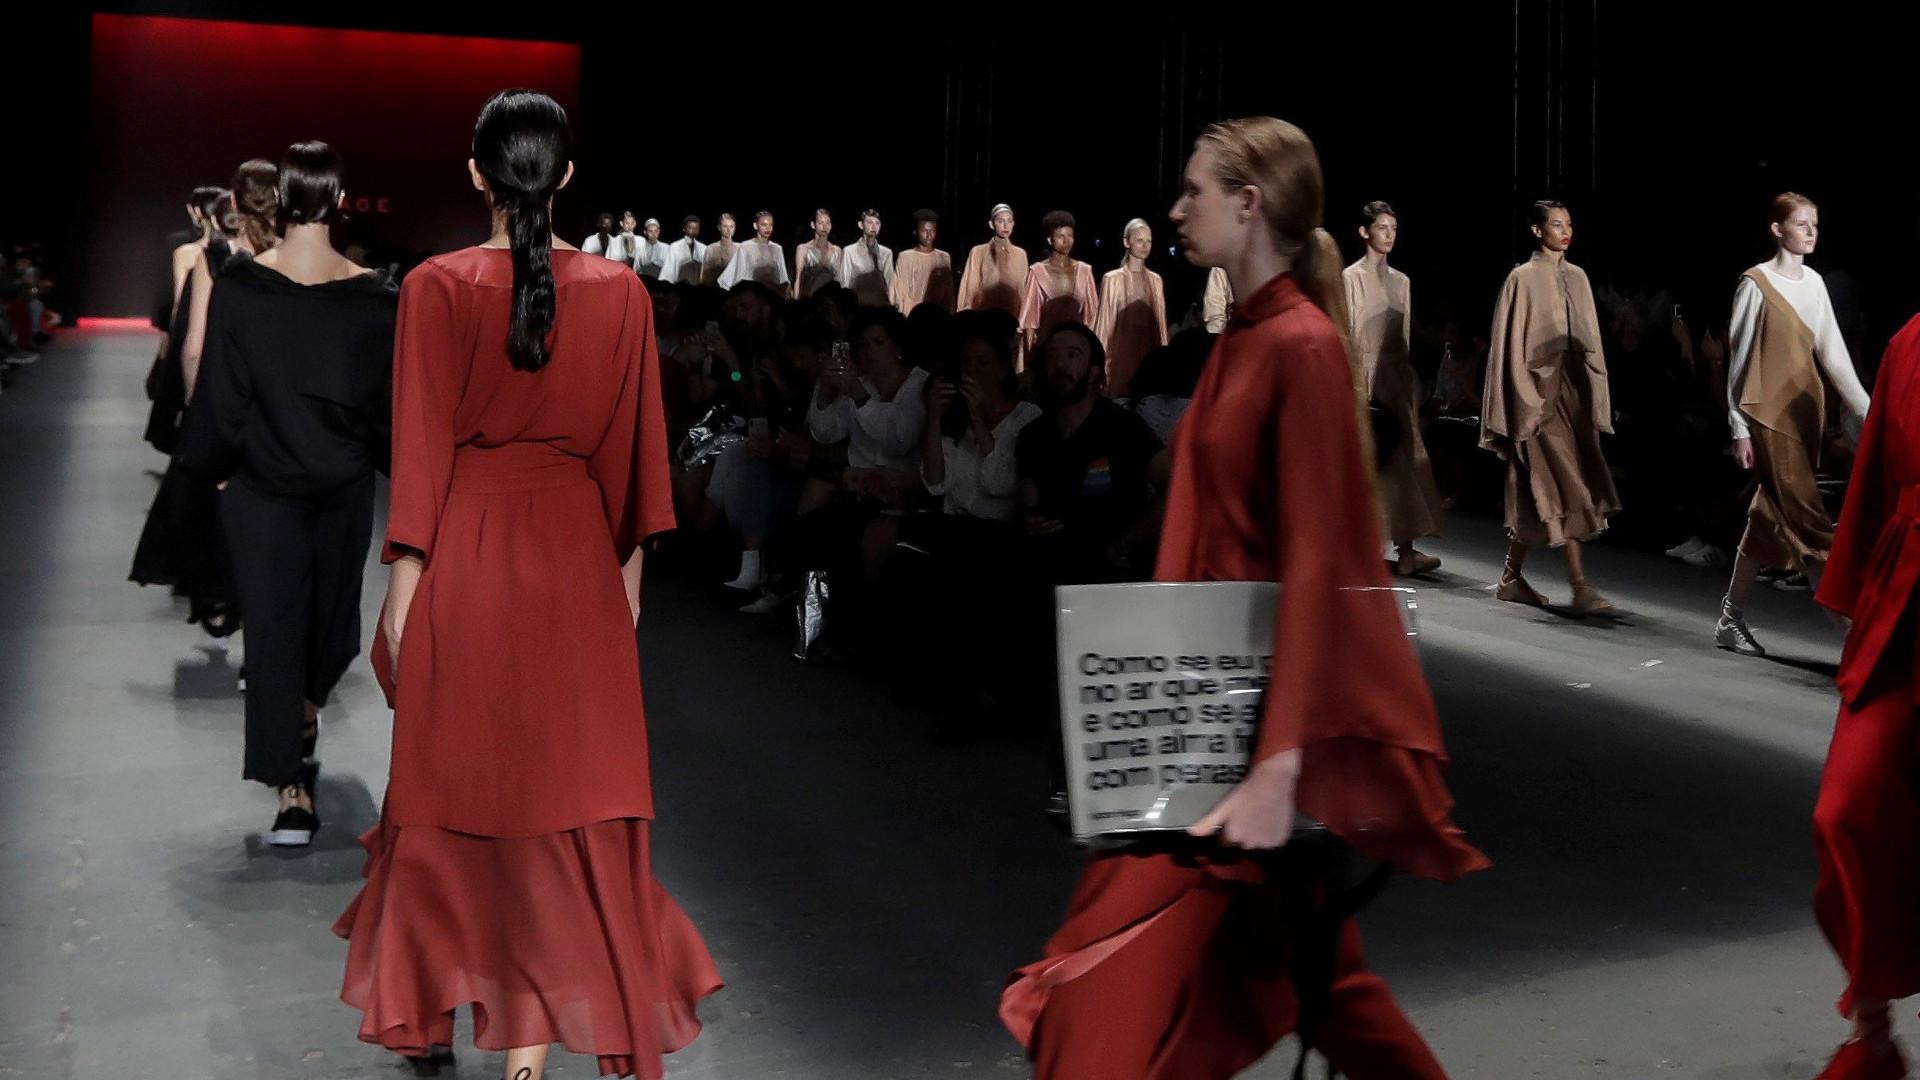 Model Tales Soare zmarł po upadku na wybiegu podczas Fashion Show  w Sao Paulo